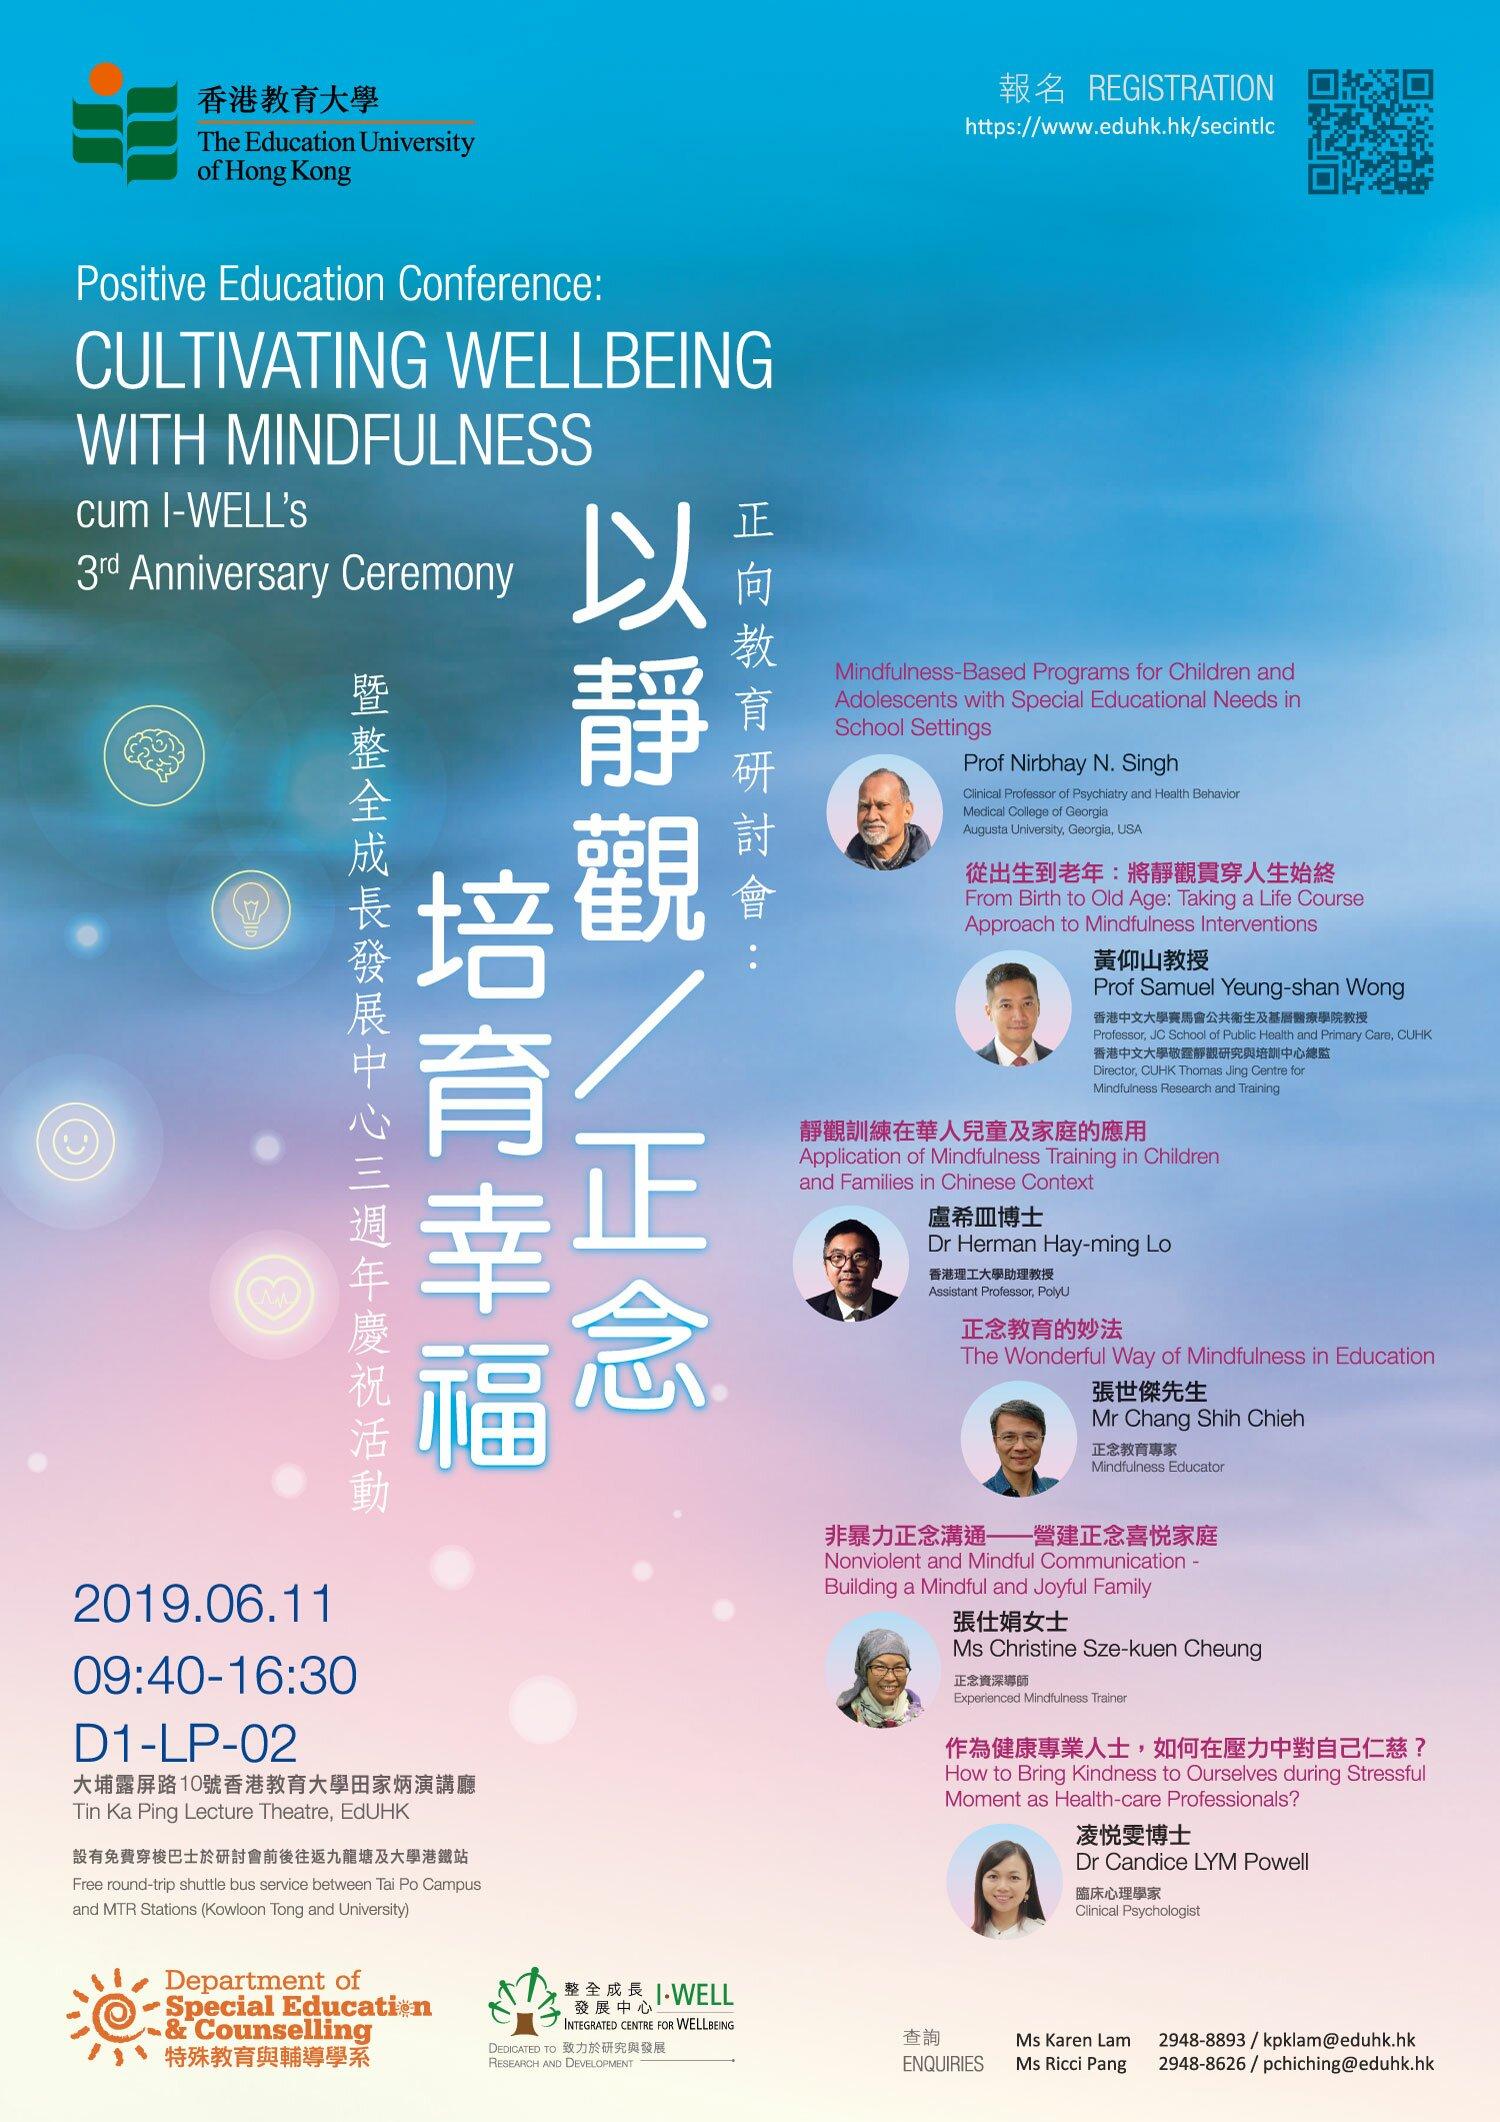 正向教育研討會:以靜觀 / 正念培育幸福暨整全成長發展中心三週年慶祝活動